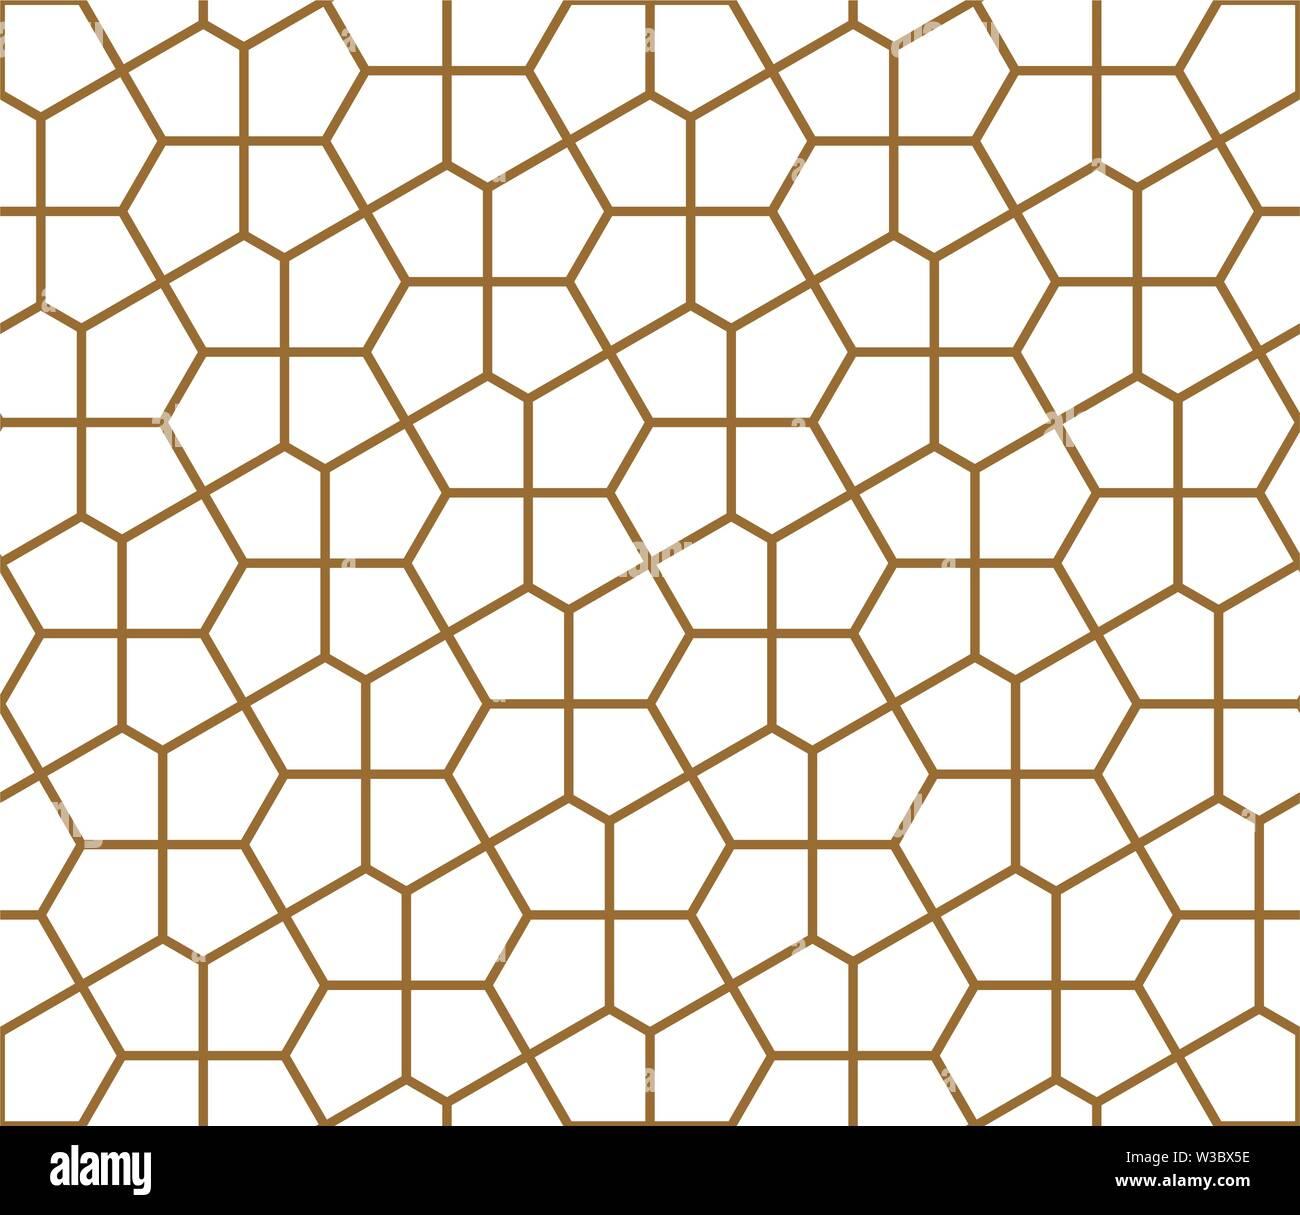 Nahtlose geometrische Verzierung auf traditionelle arabische Kunst. muslimischen Mosaik. Braune Farbe Linien. Tolles Design für Stoff-, Textil-, Abdeckung, Geschenkpapier, zurück Stockbild